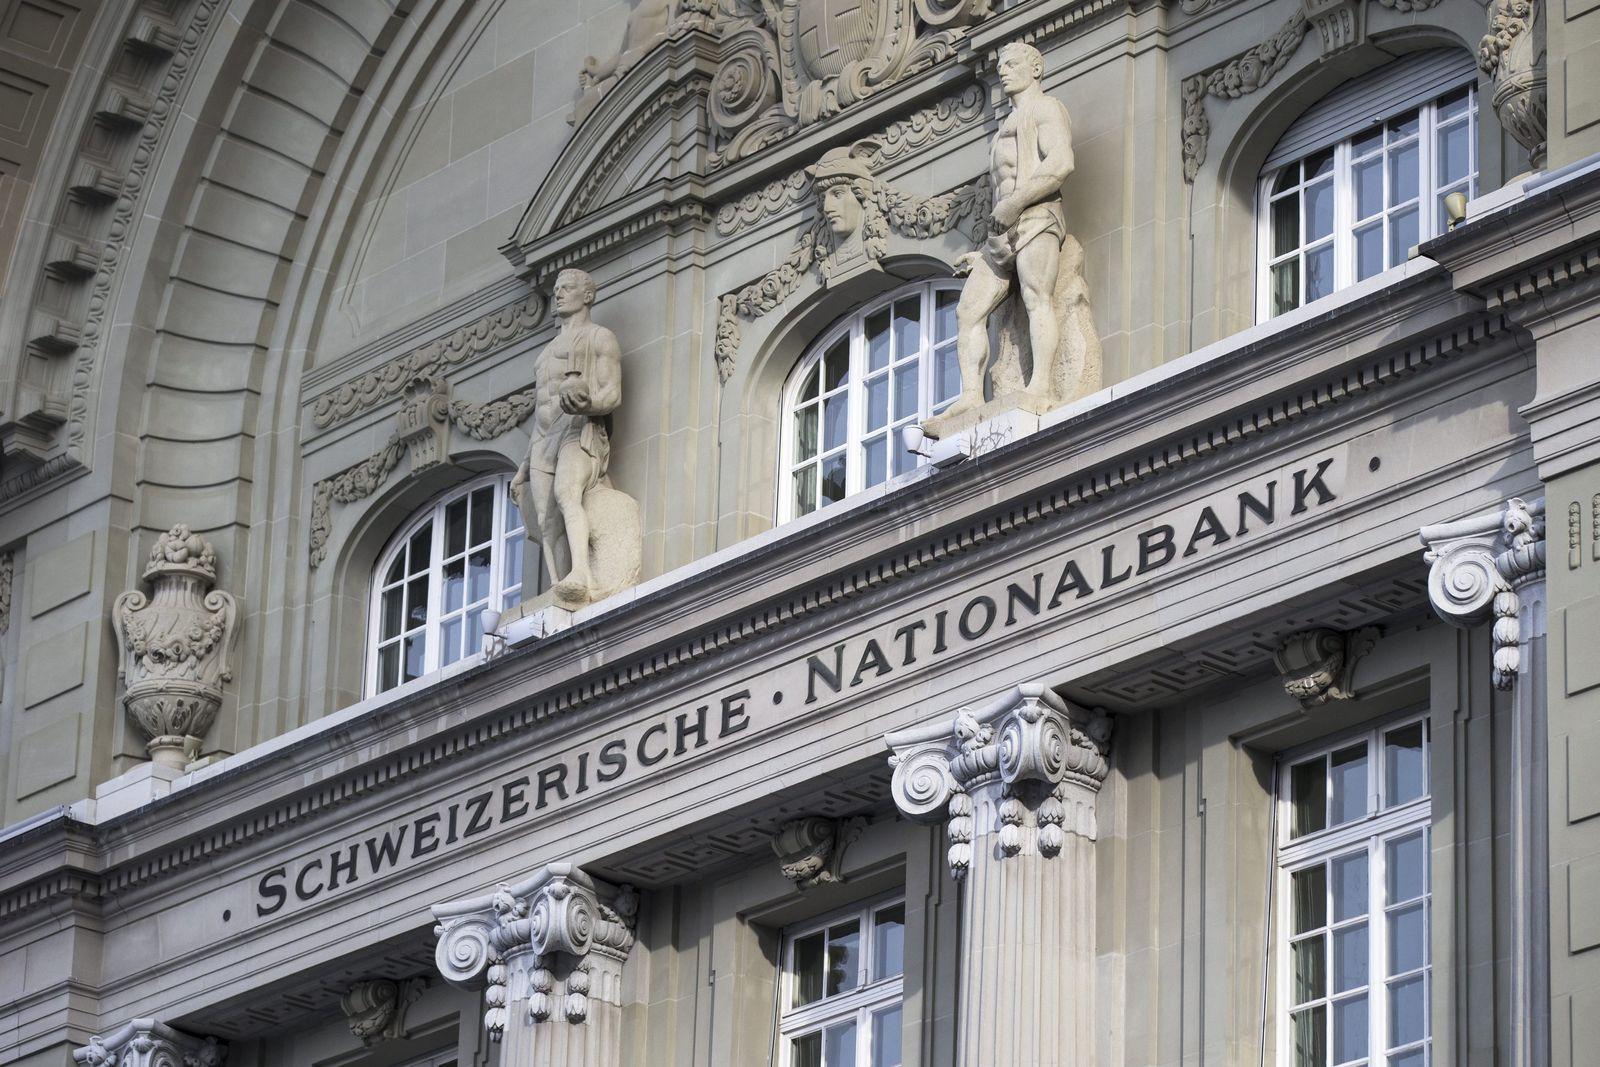 Schweiz Nationalbank